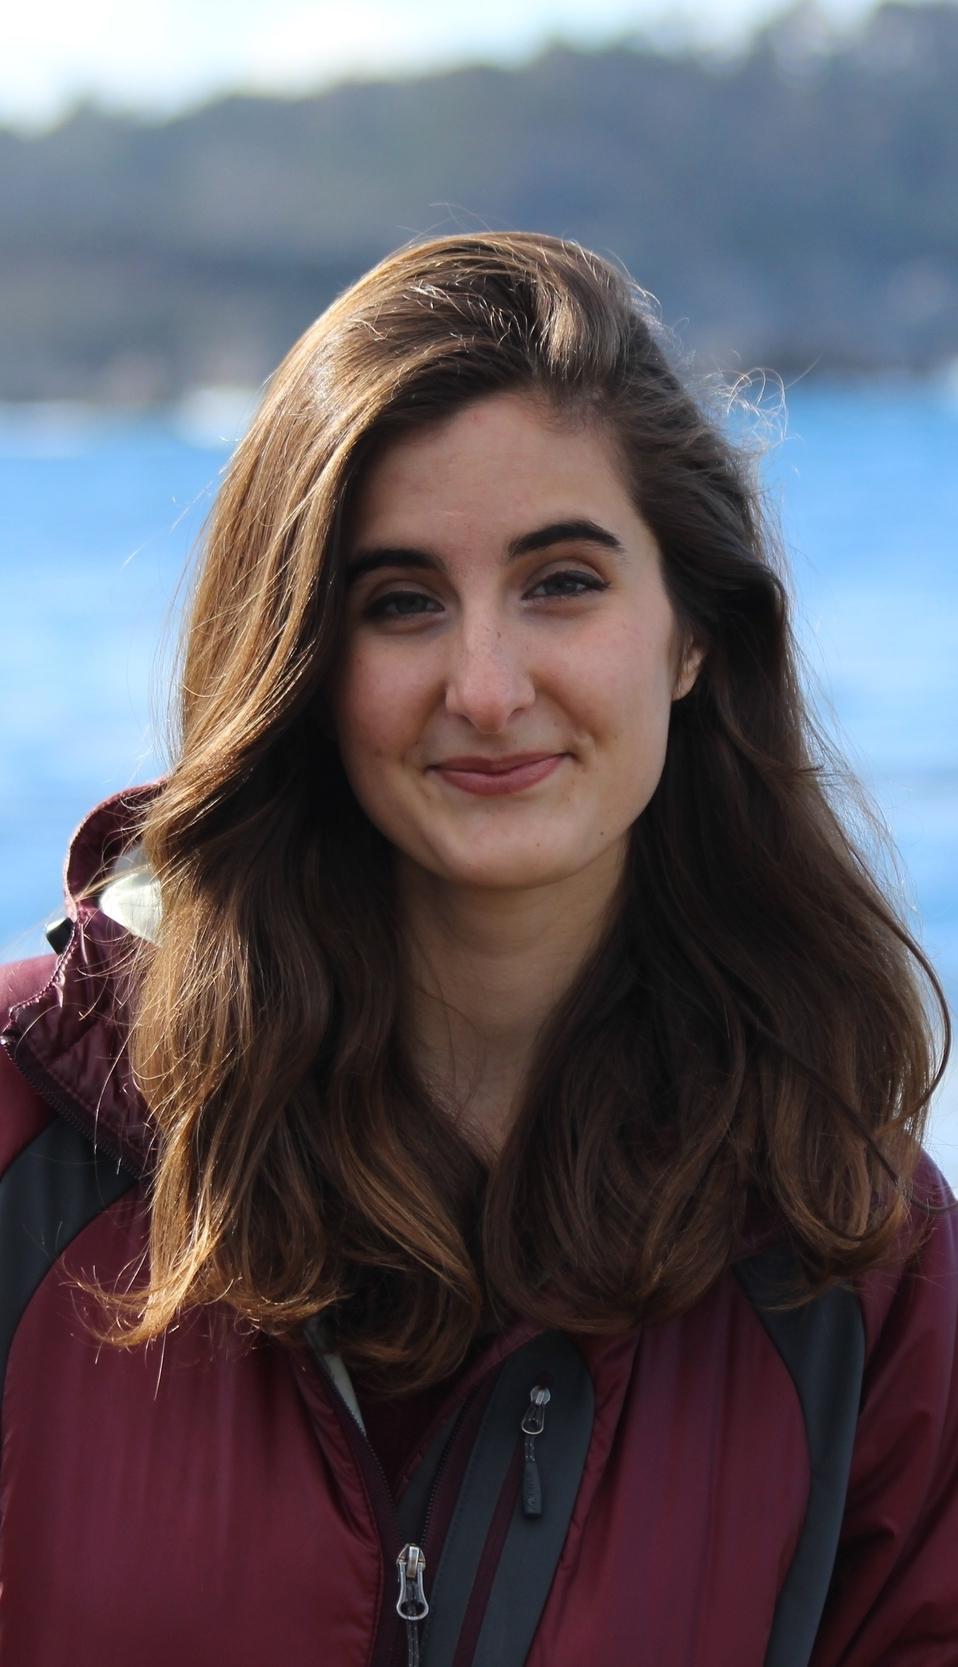 Erika DePalatis - Member since 2015